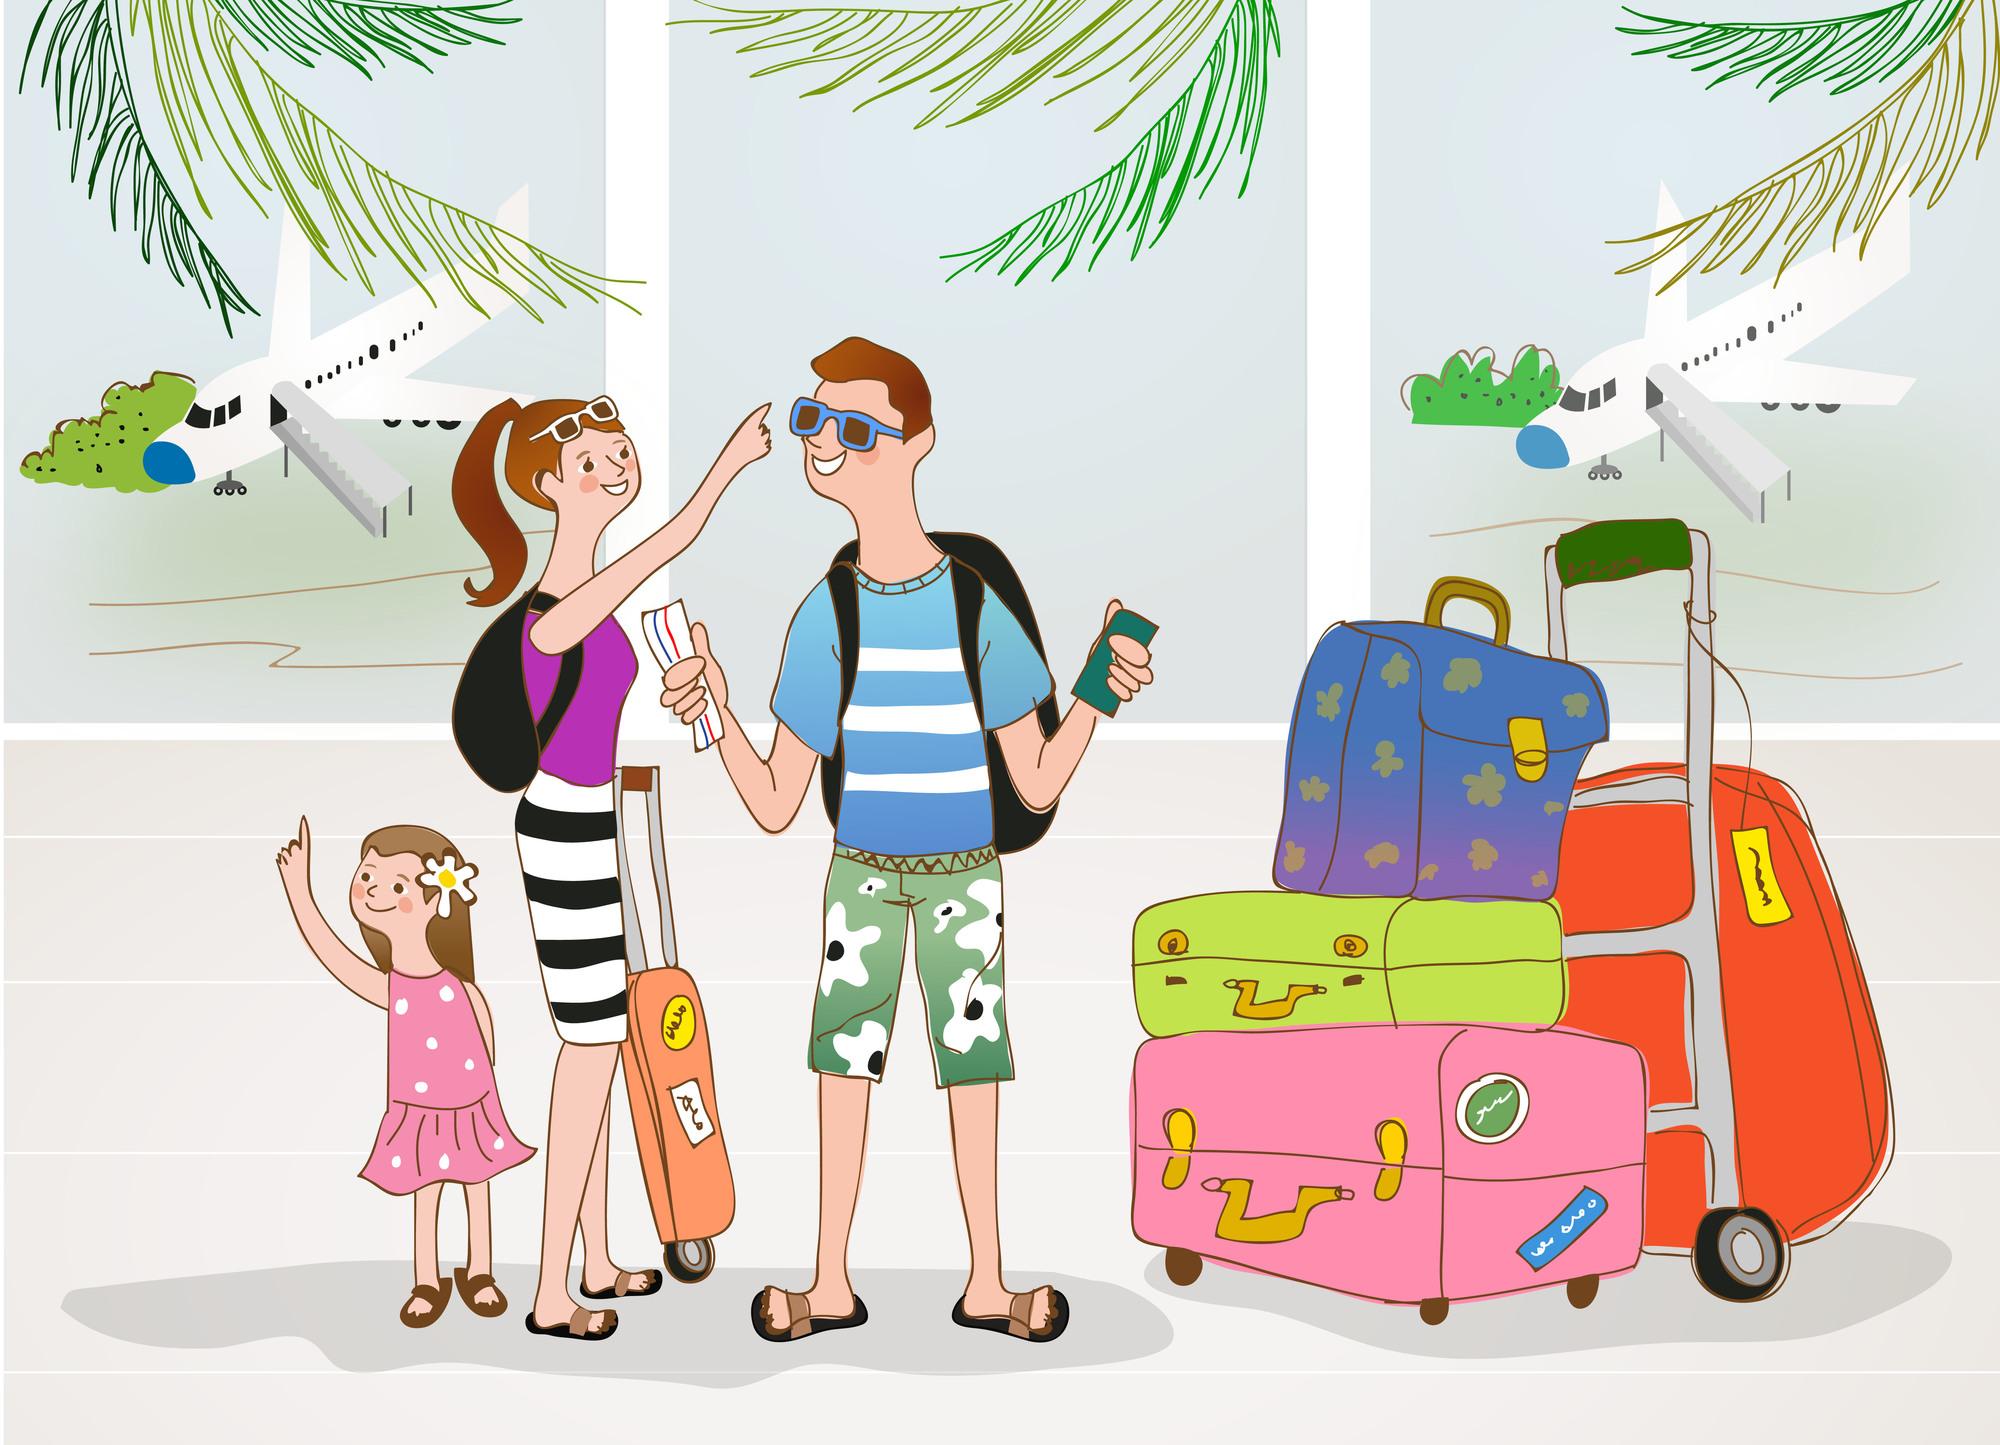 海外旅行でスマホをお得に使う方法 | オススメのSIMフリー端末情報アリ!